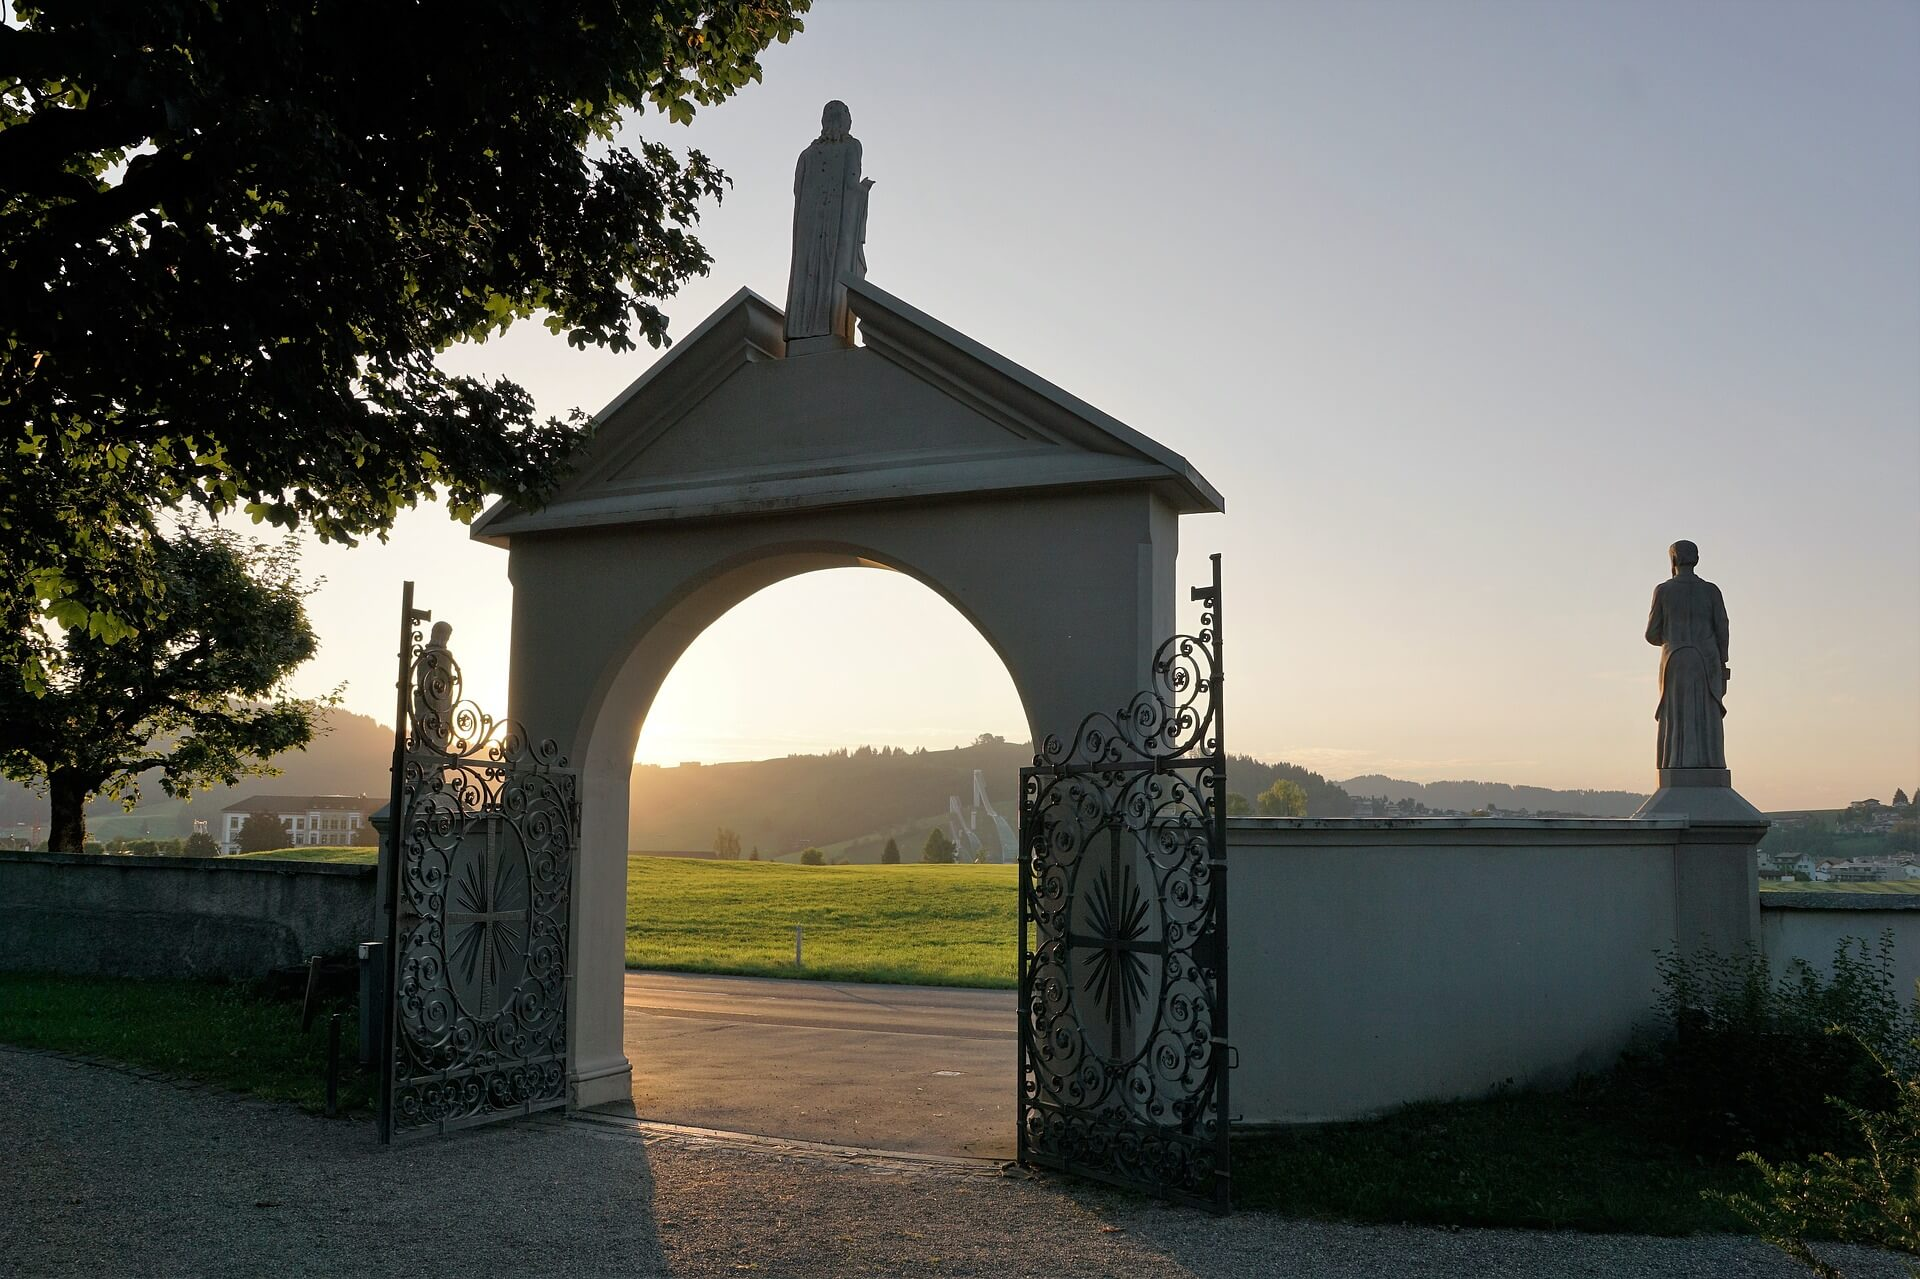 Eingangstor eines Friedhofes